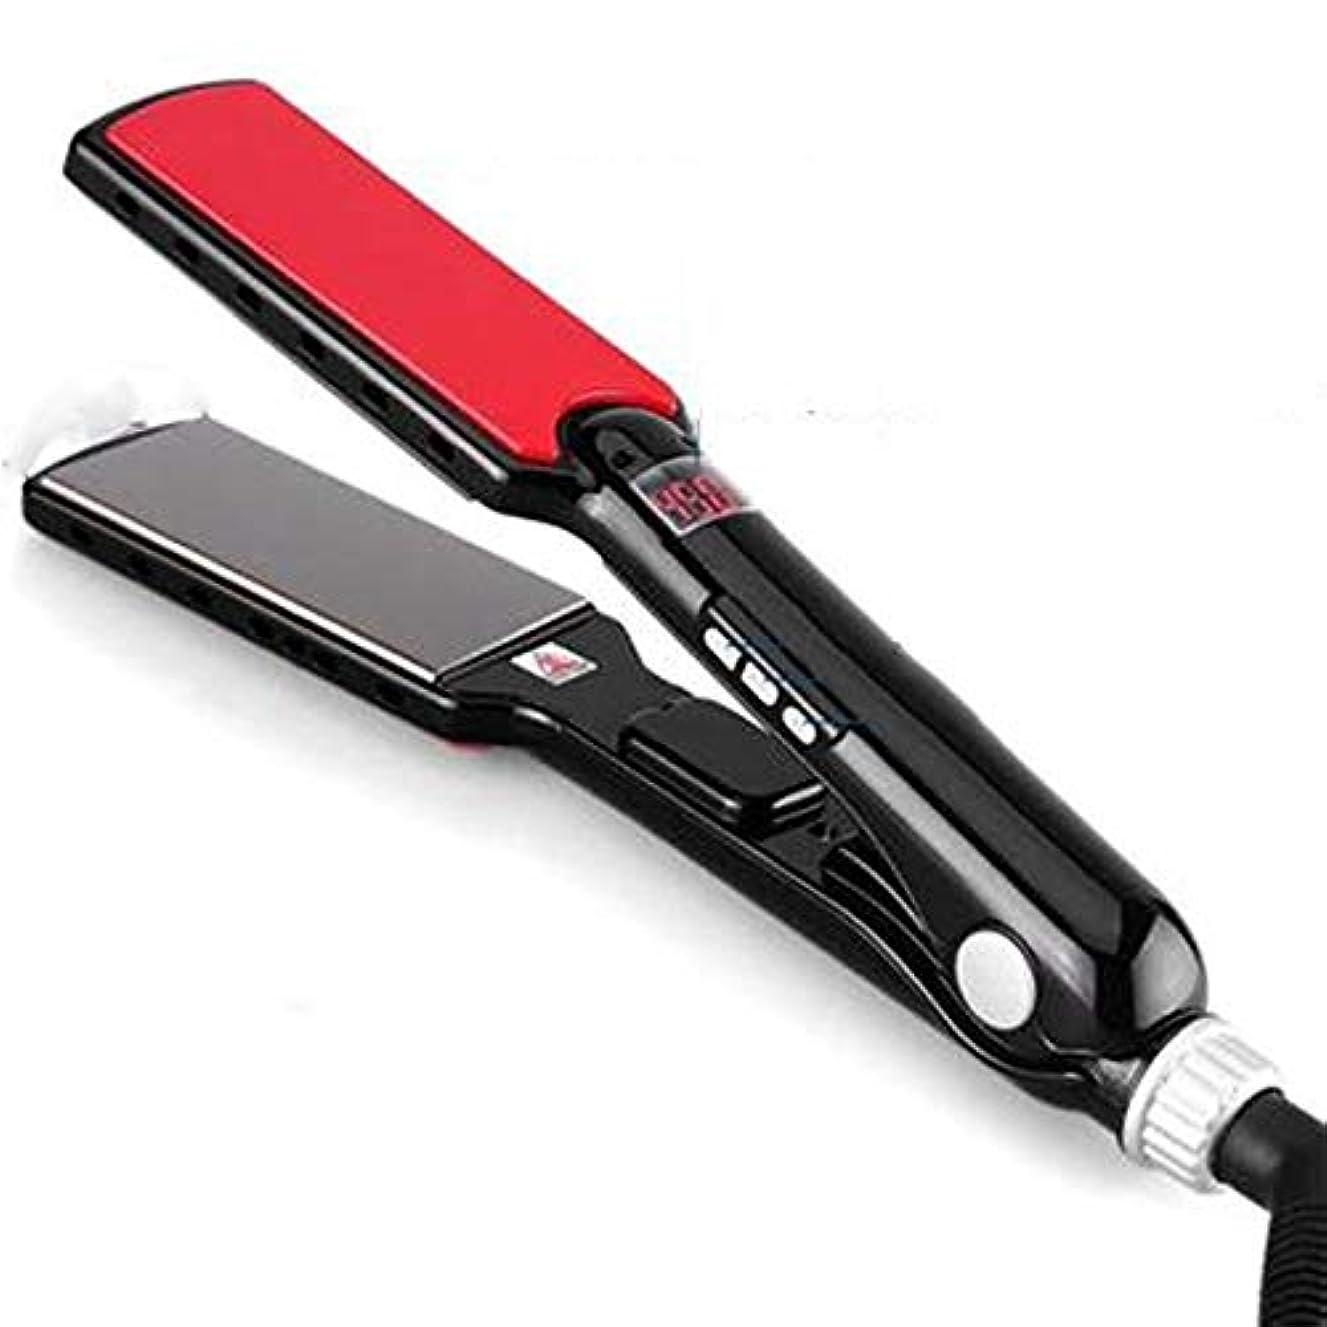 小切手黙認する忘れっぽいKUVV急速加熱 マイナスイオンヘアストレイテナーMCH加熱速熱ストレートヘア矯正デュアルユース電気スプリント